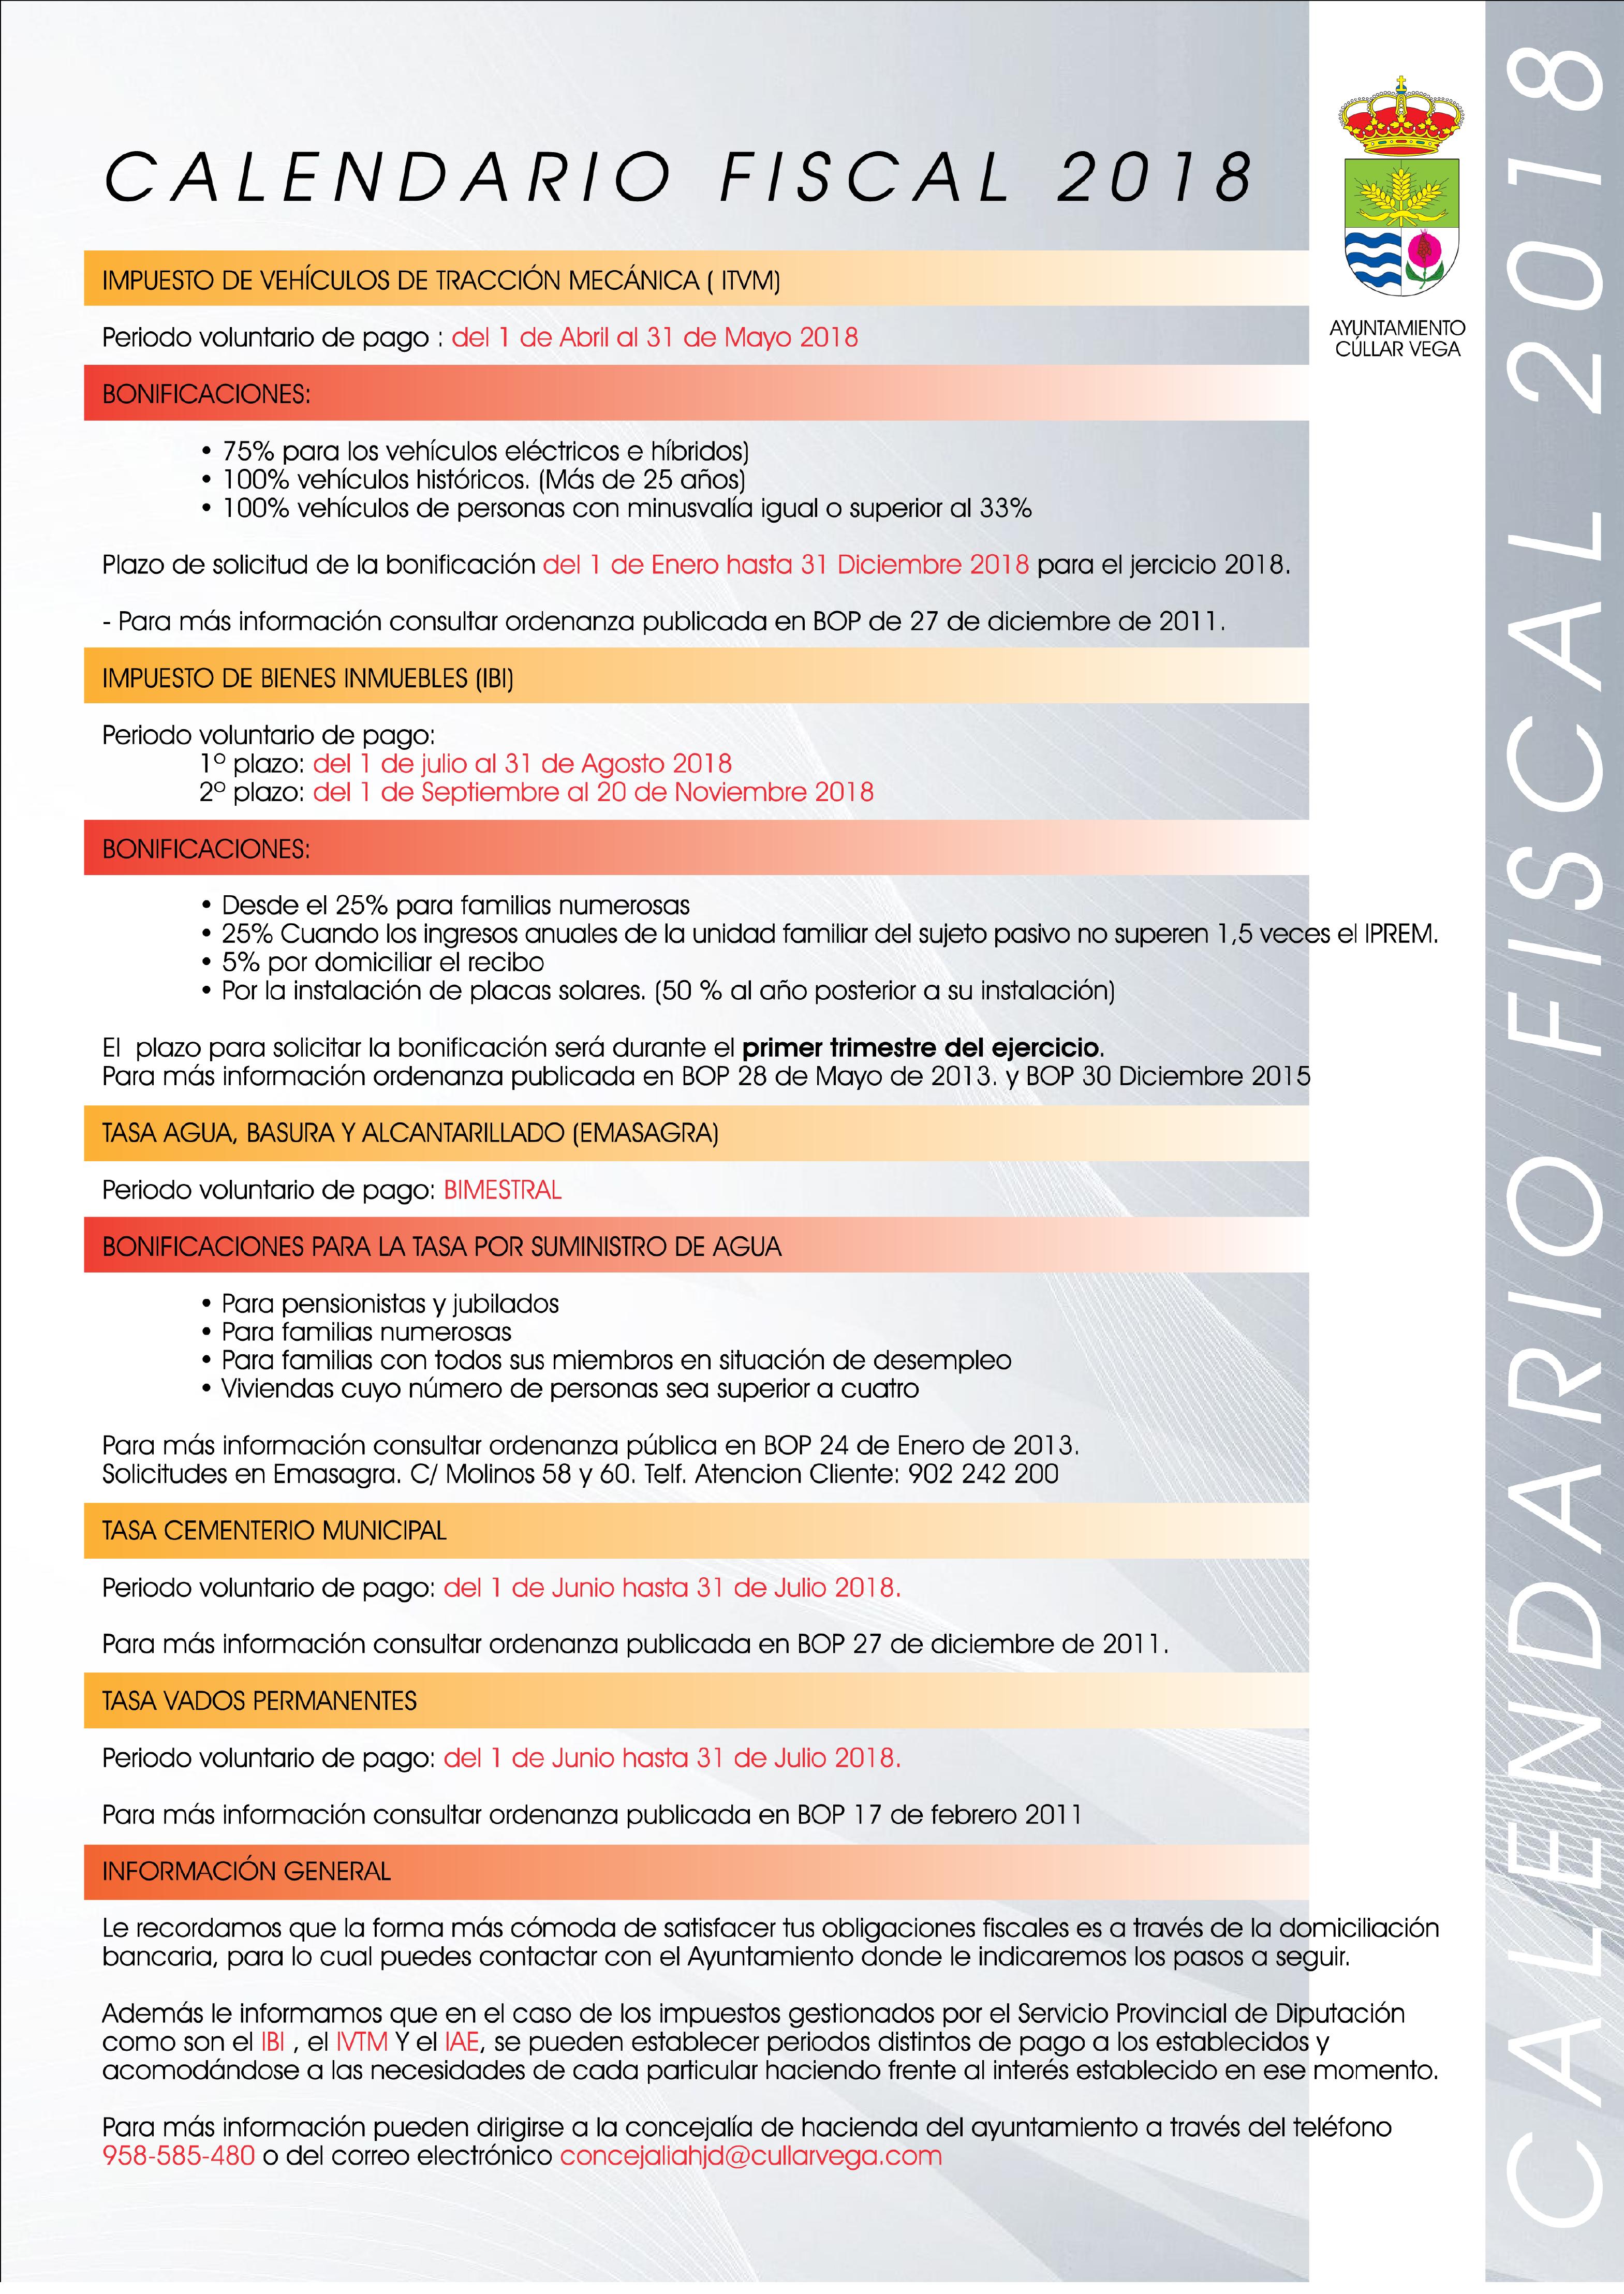 Calendario Fiscal 2018 e Información sobre Bonificaciones